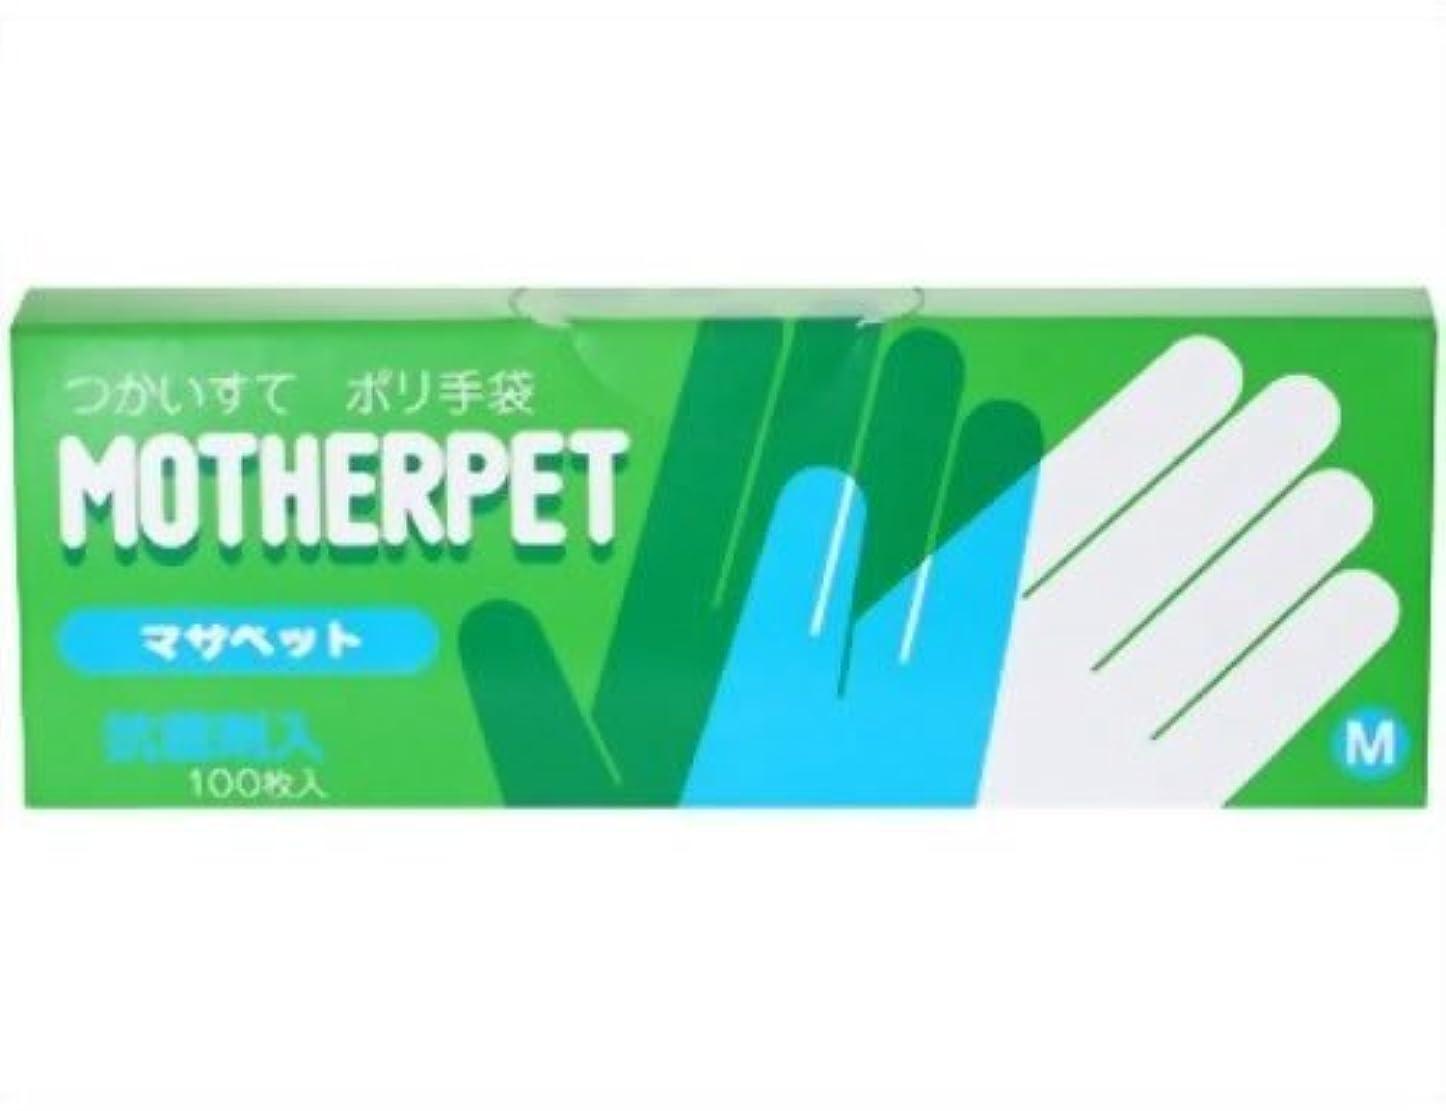 モナリザ時折属性宇都宮製作 マザペット ポリ手袋 M 100枚入 × 15個セット